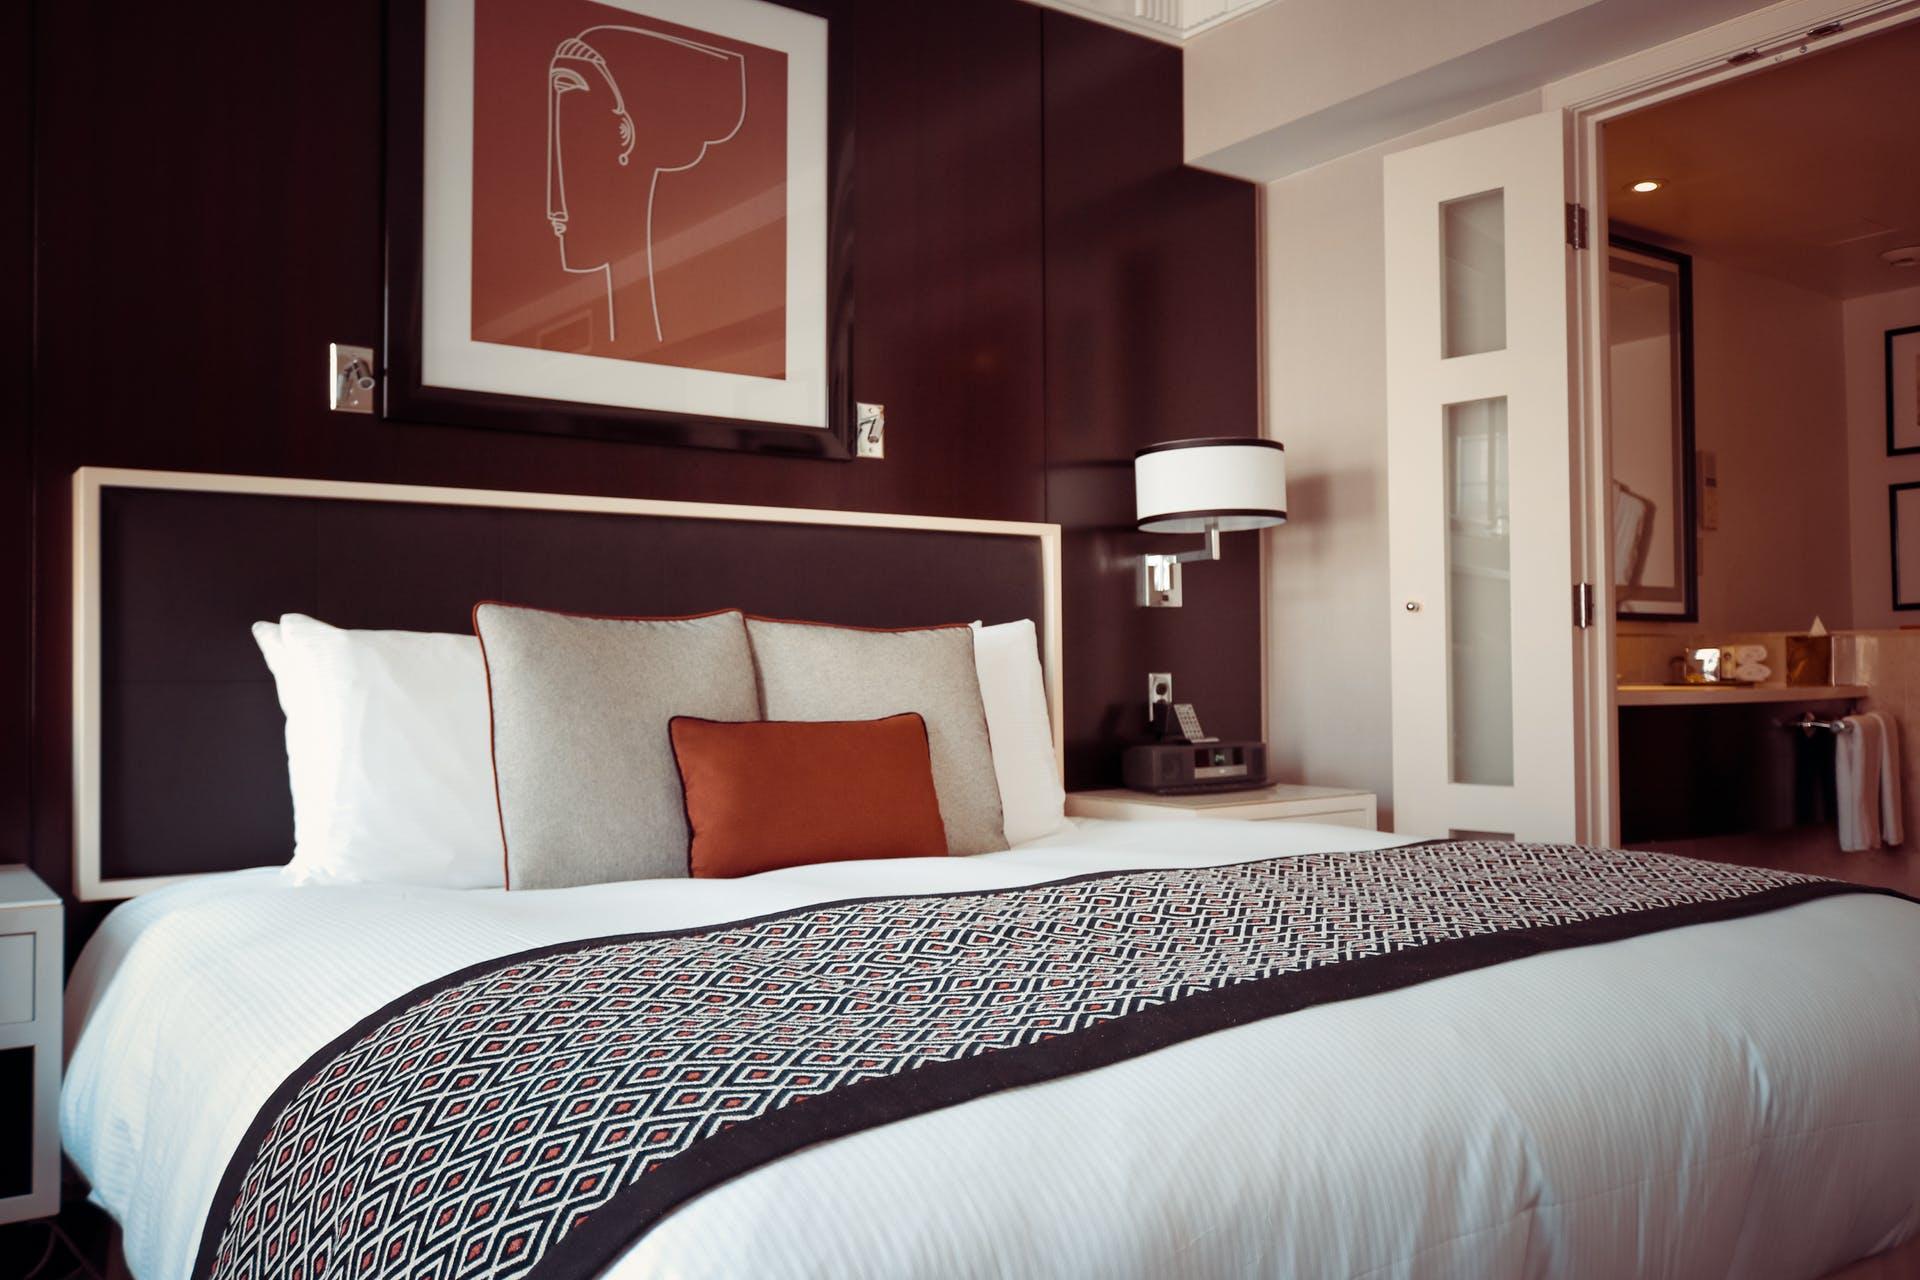 cama-hotel-hecha.jpeg